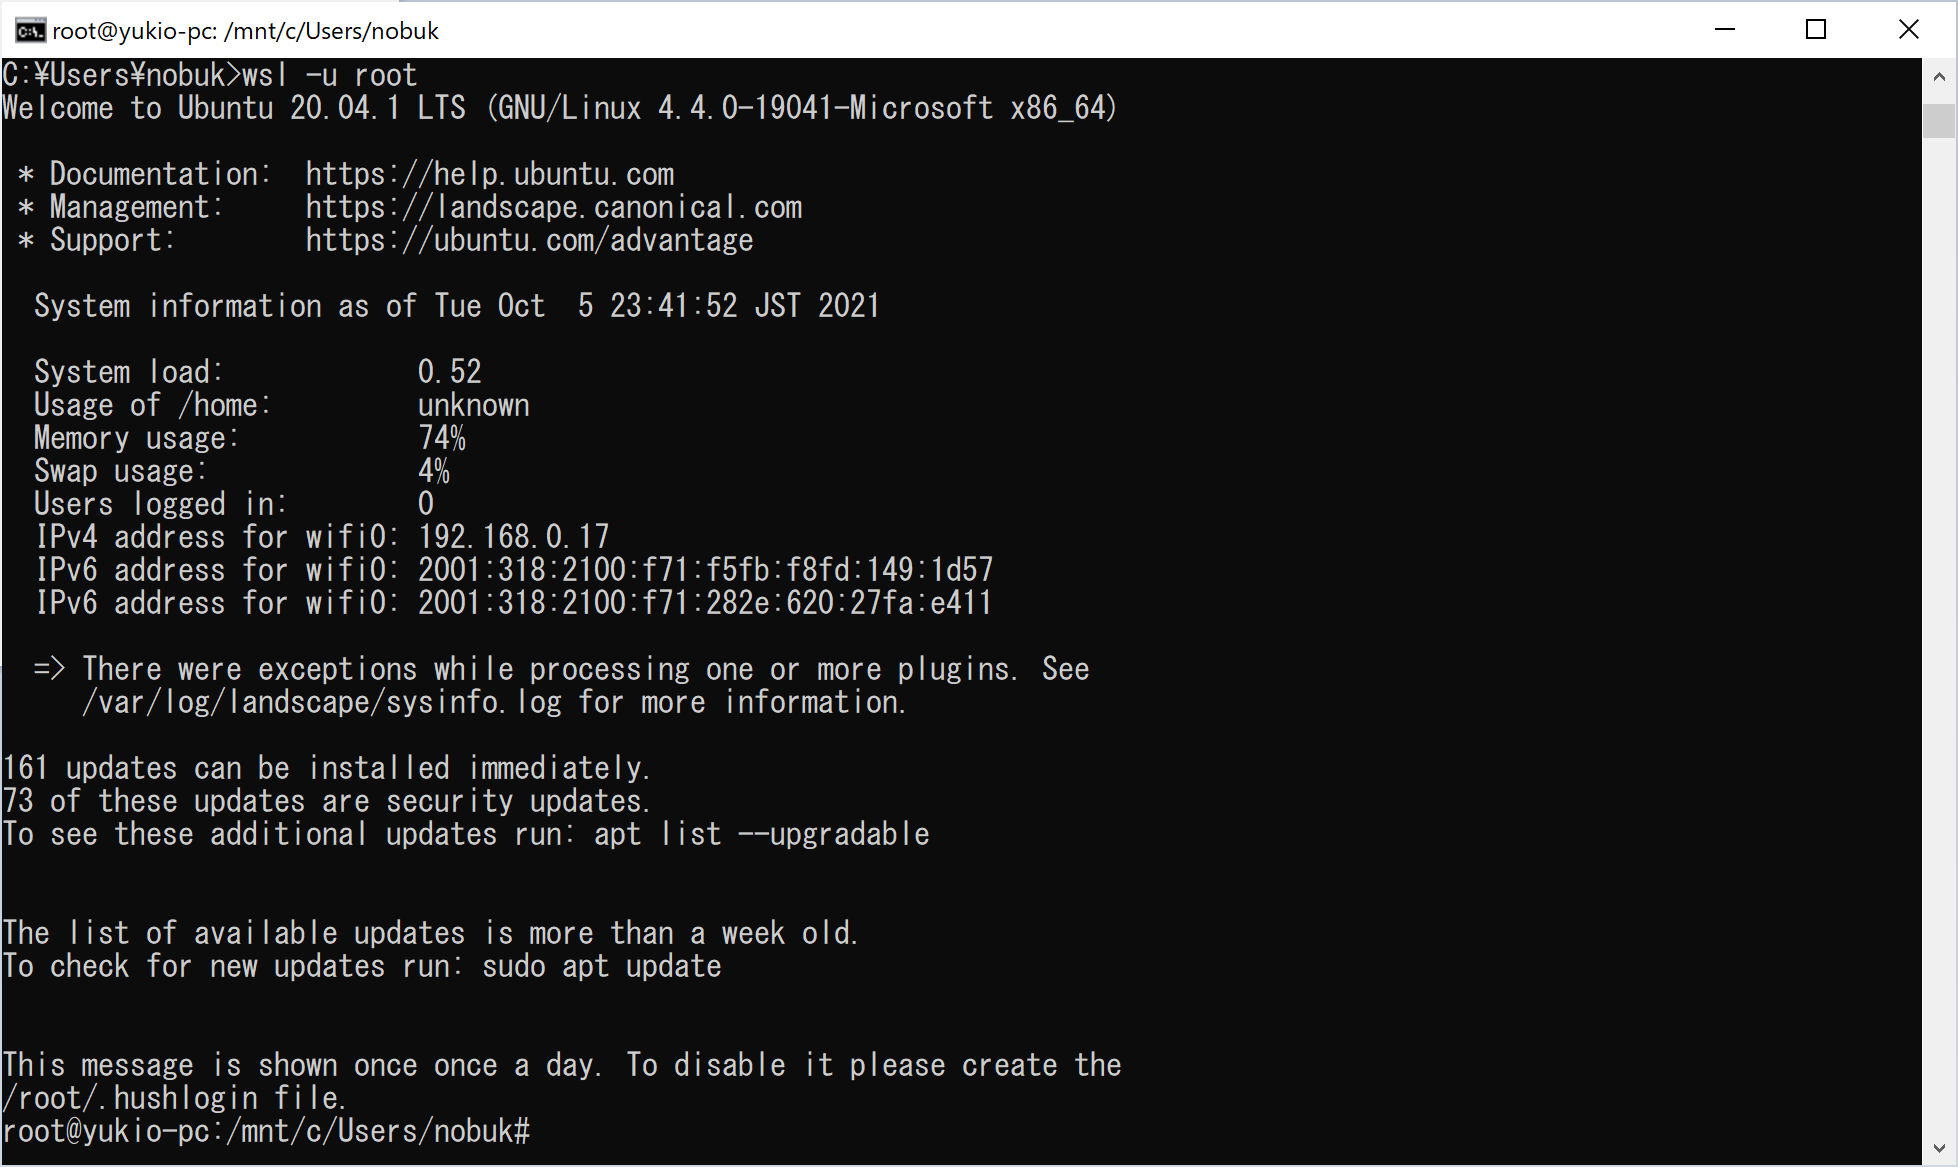 Windows 10のコマンドプロンプトからwslコマンドでUbuntu 20.04 LTSにrootユーザでログインした直後の画面